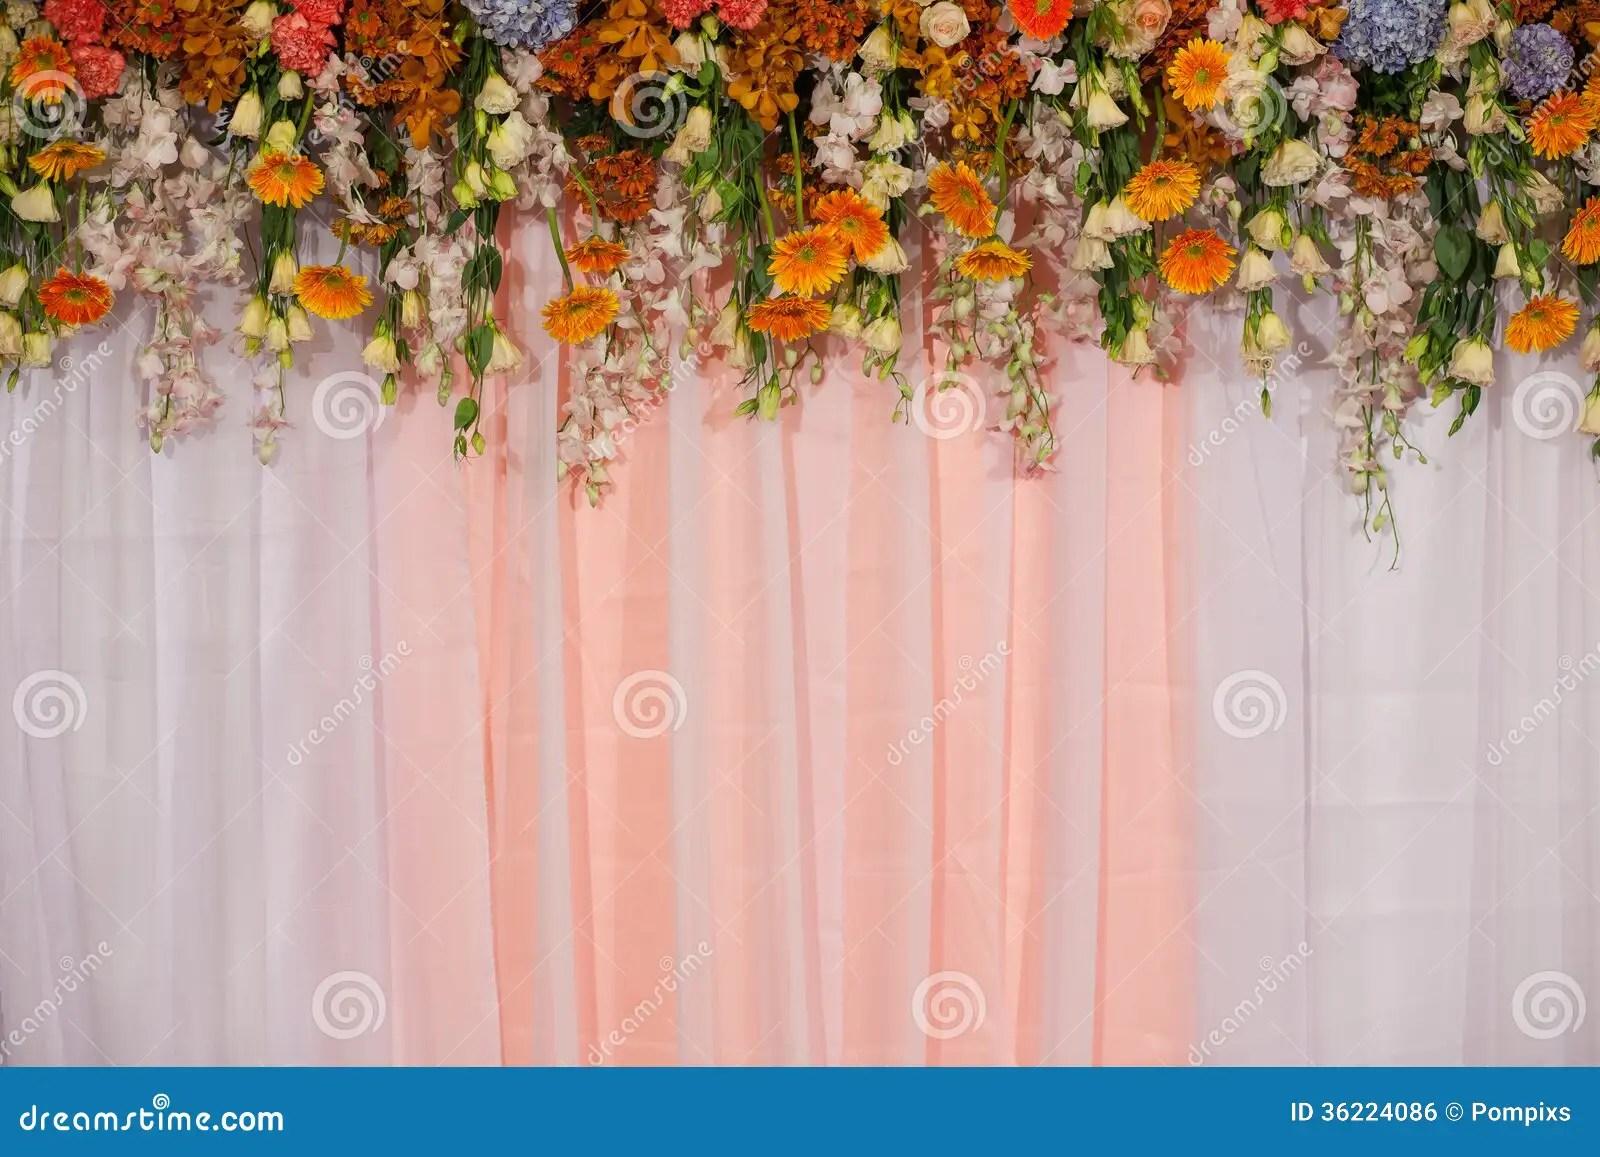 Wedding Decoration Royalty Free Stock Image  Image 36224086